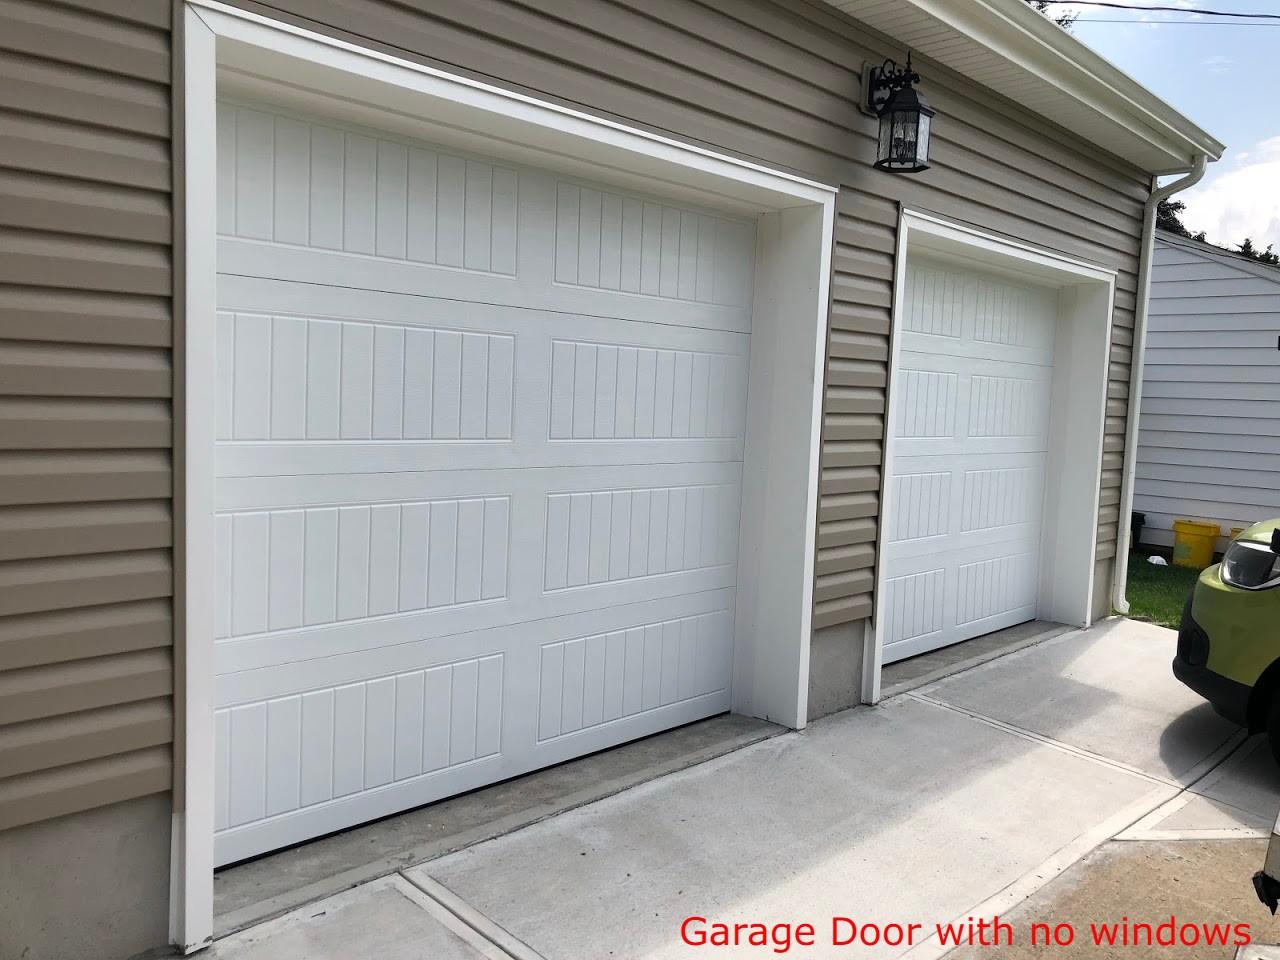 how to pick garage door windows;no windows garage door